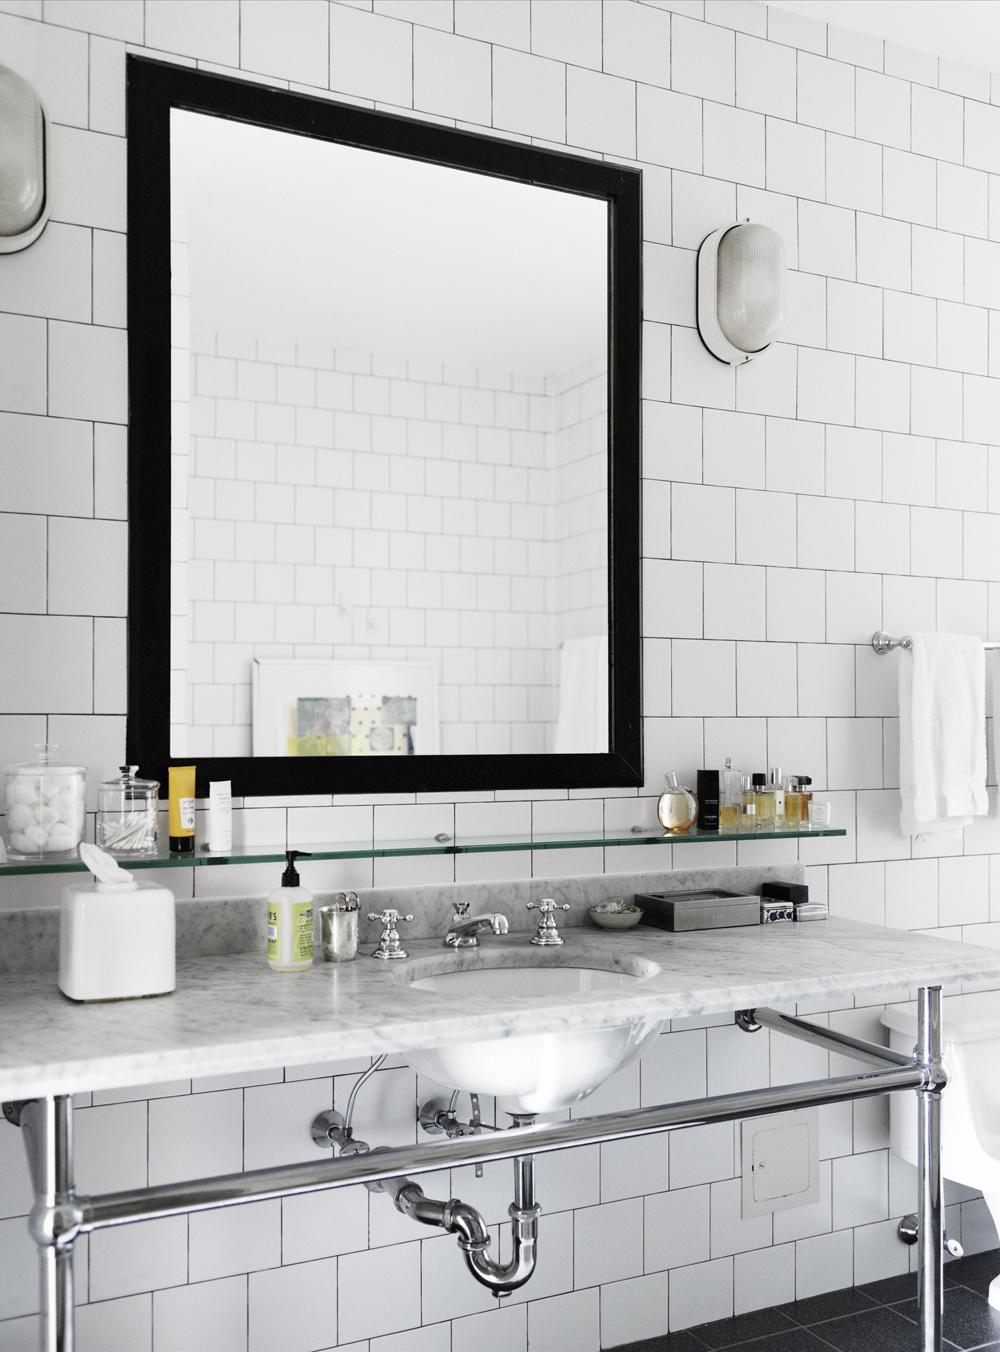 COCOCOZY: BATHROOM MIRRORS LOOKING GOOD